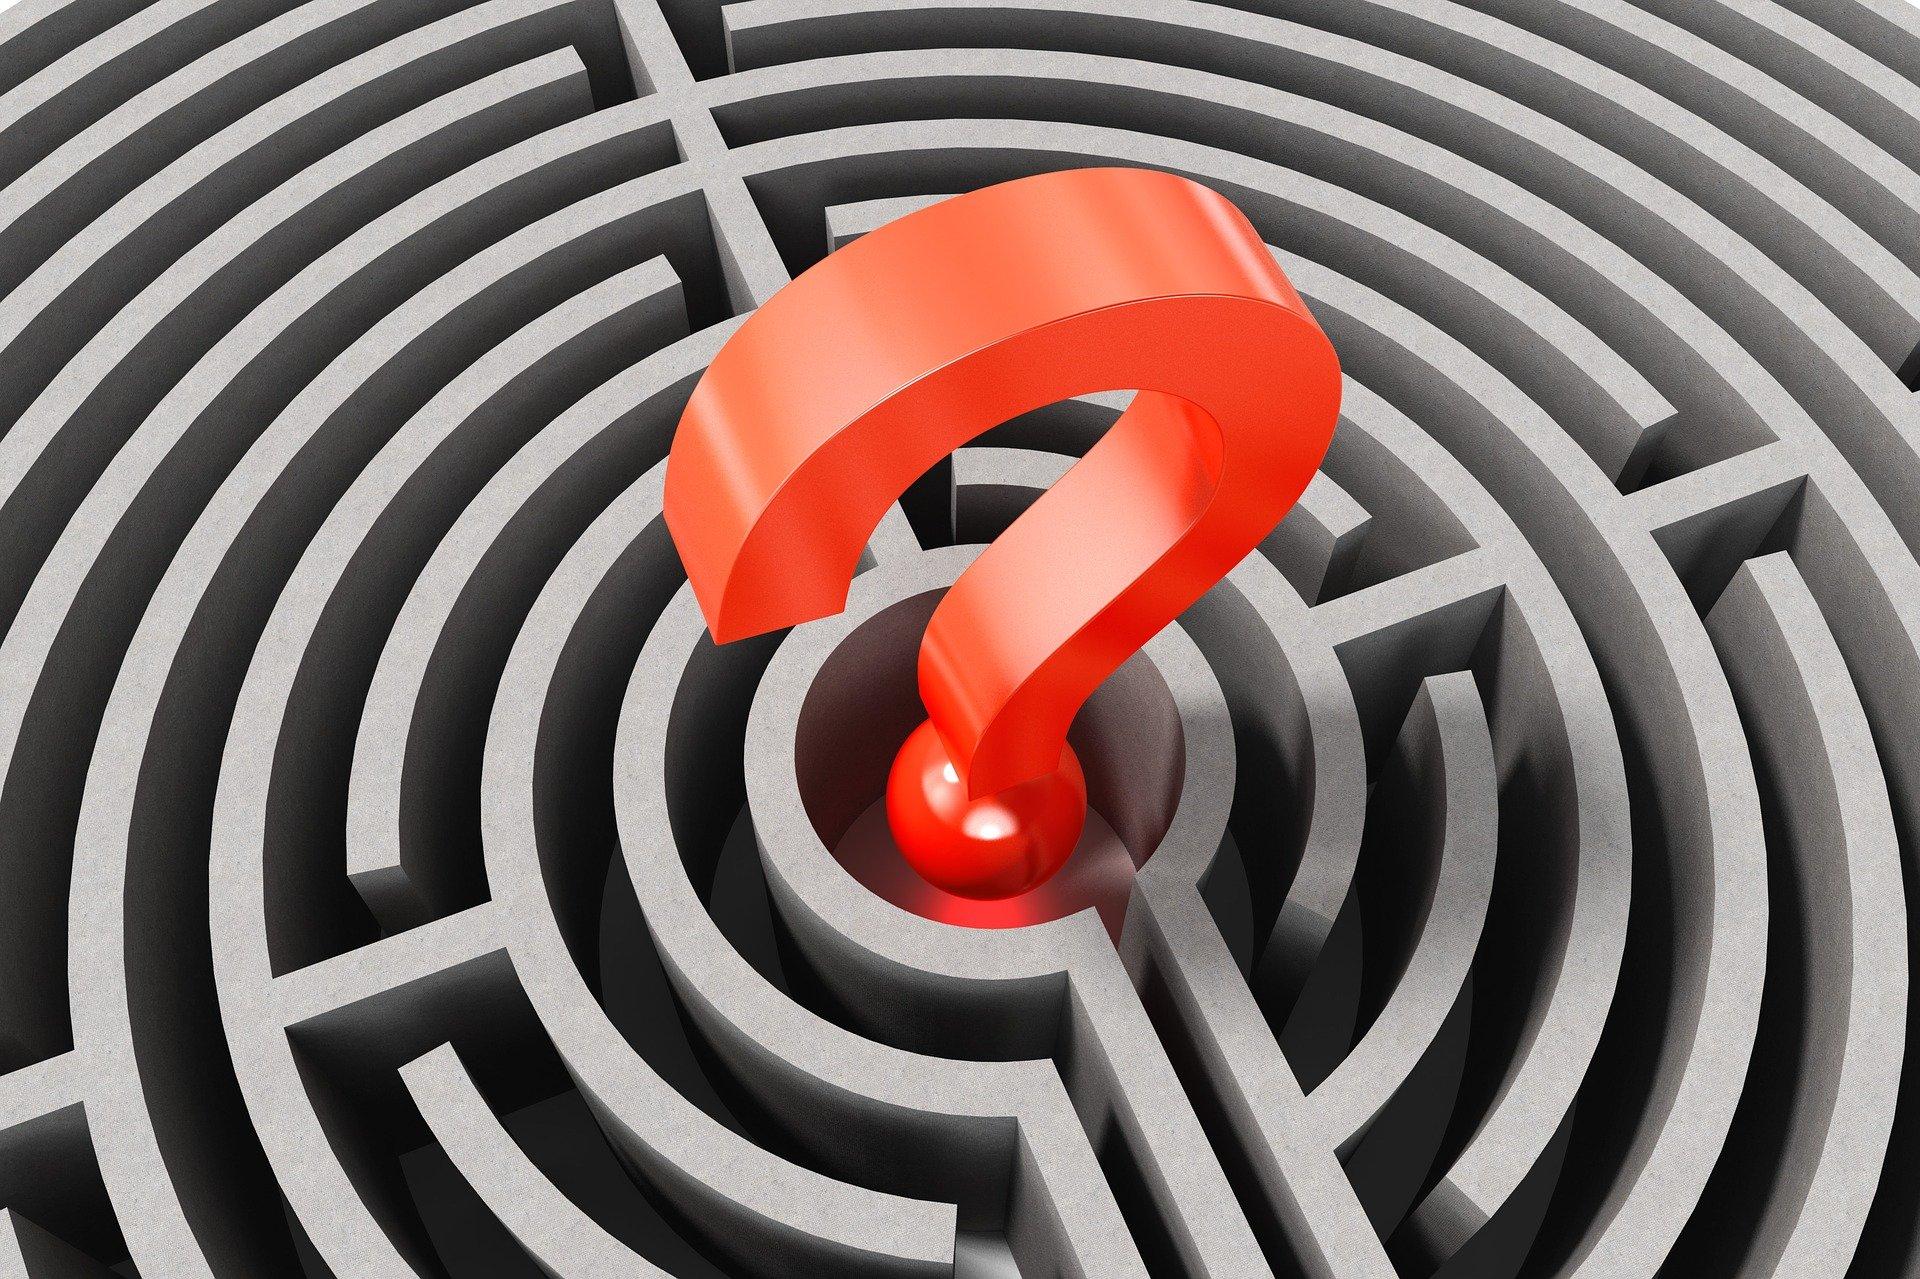 תהיות בענף: מדוע רק פוליסות החיסכון קיבלו אישור להקים מסלולי אירוח השקעות?